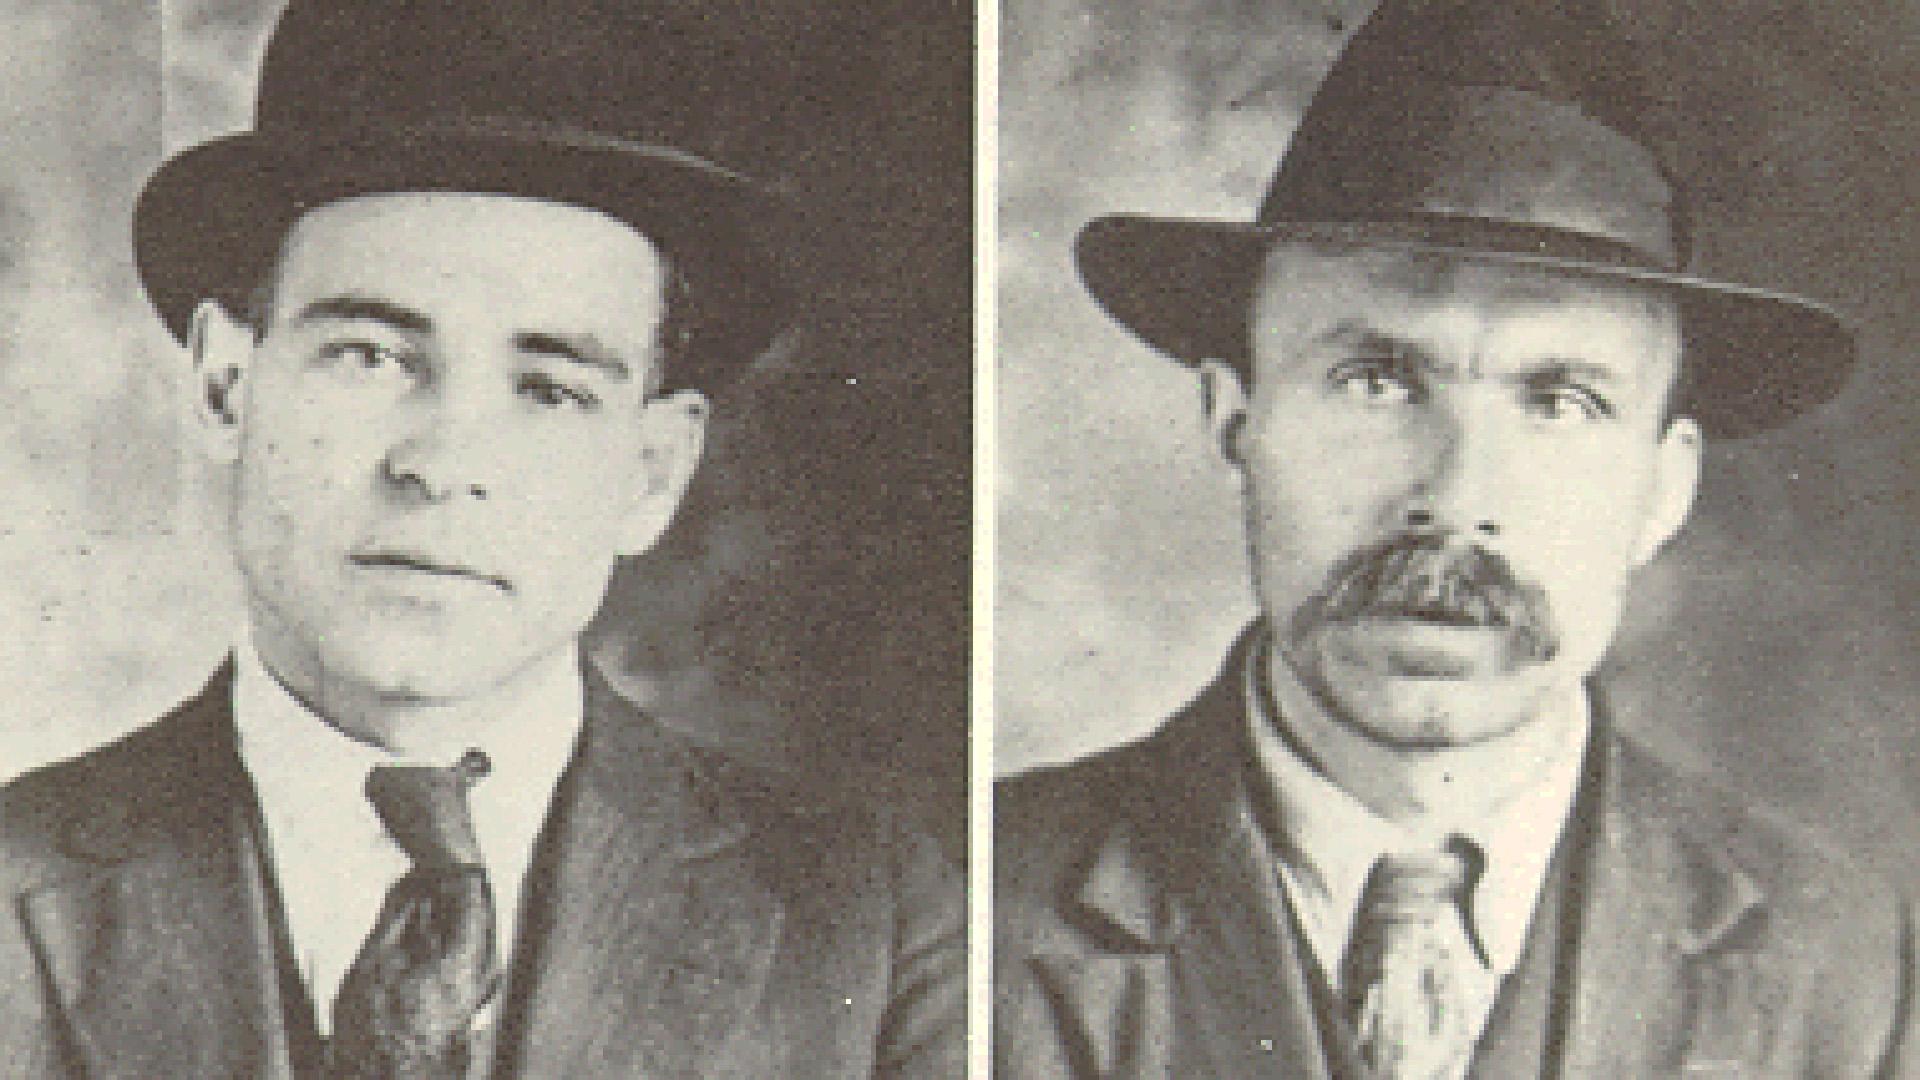 Nicola Sacco y Bartolomeo Vanzetti